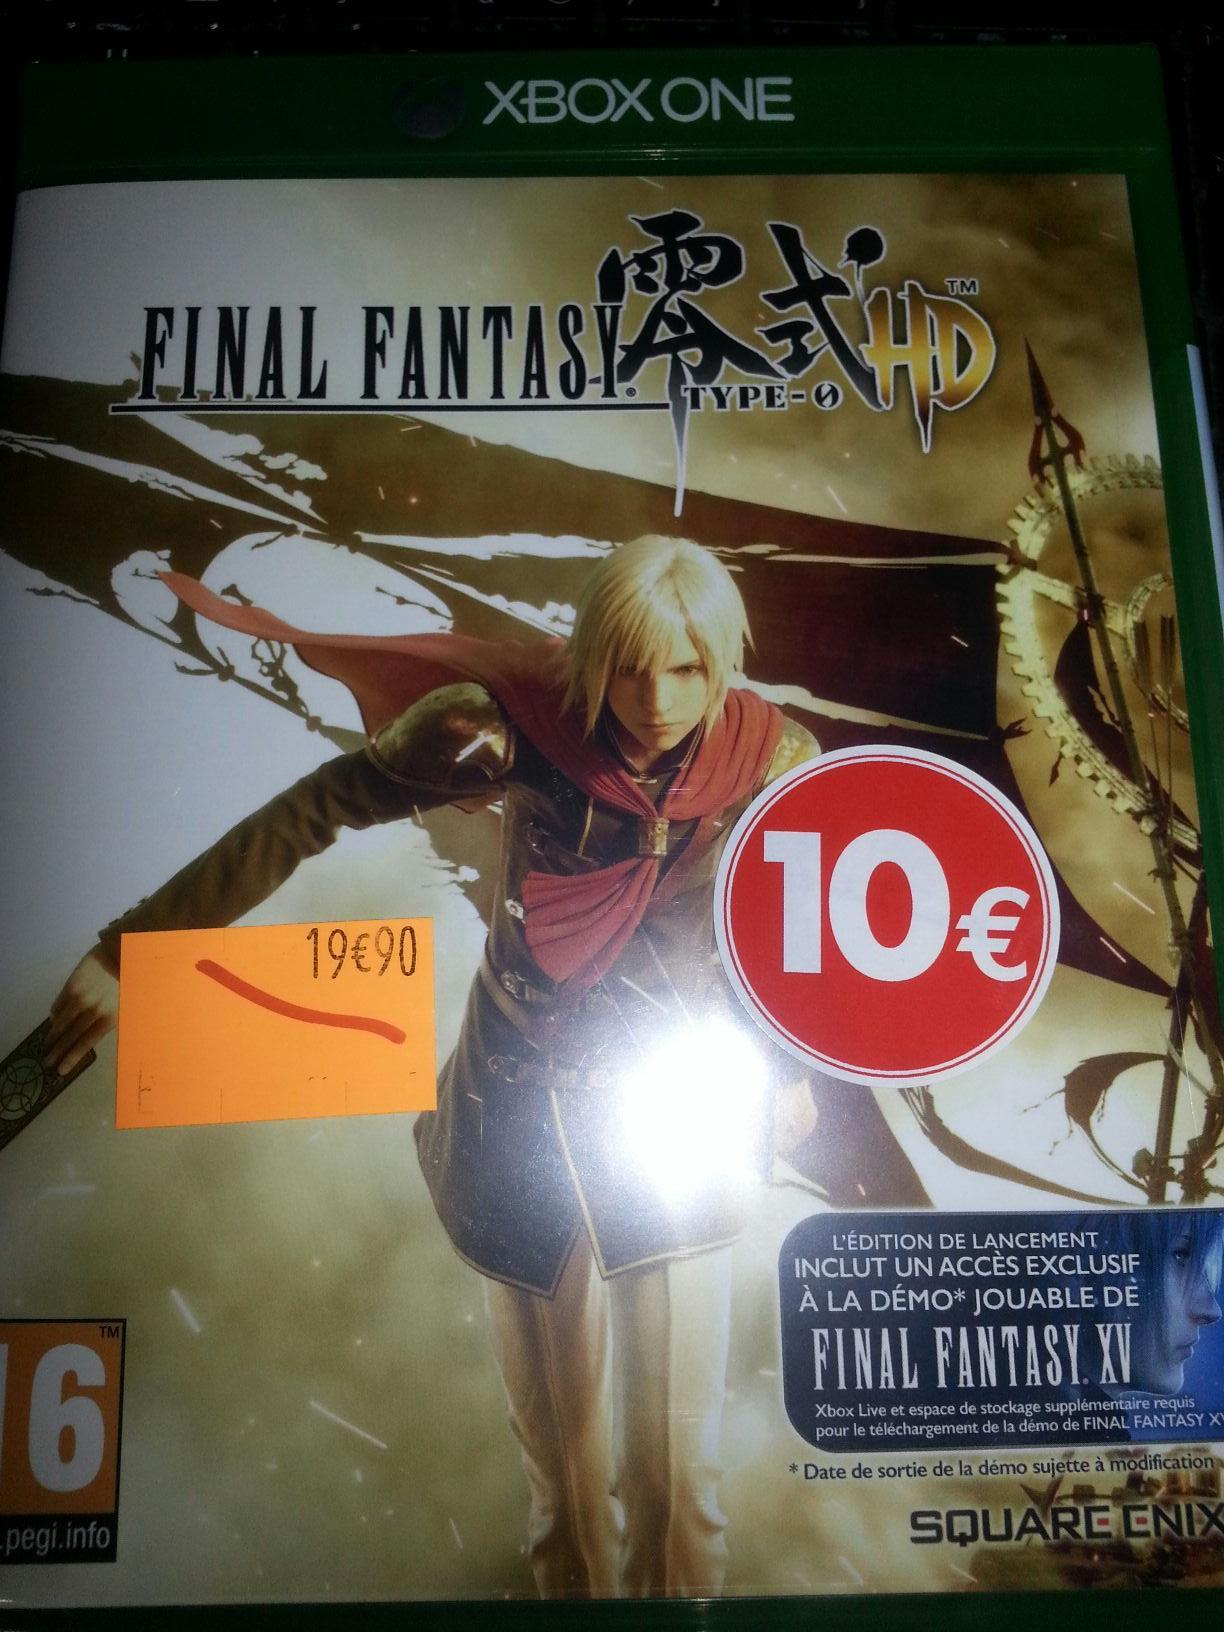 Sélection de jeux video en promotion - Ex : Final Fantasy type-0 HD sur Xbox One